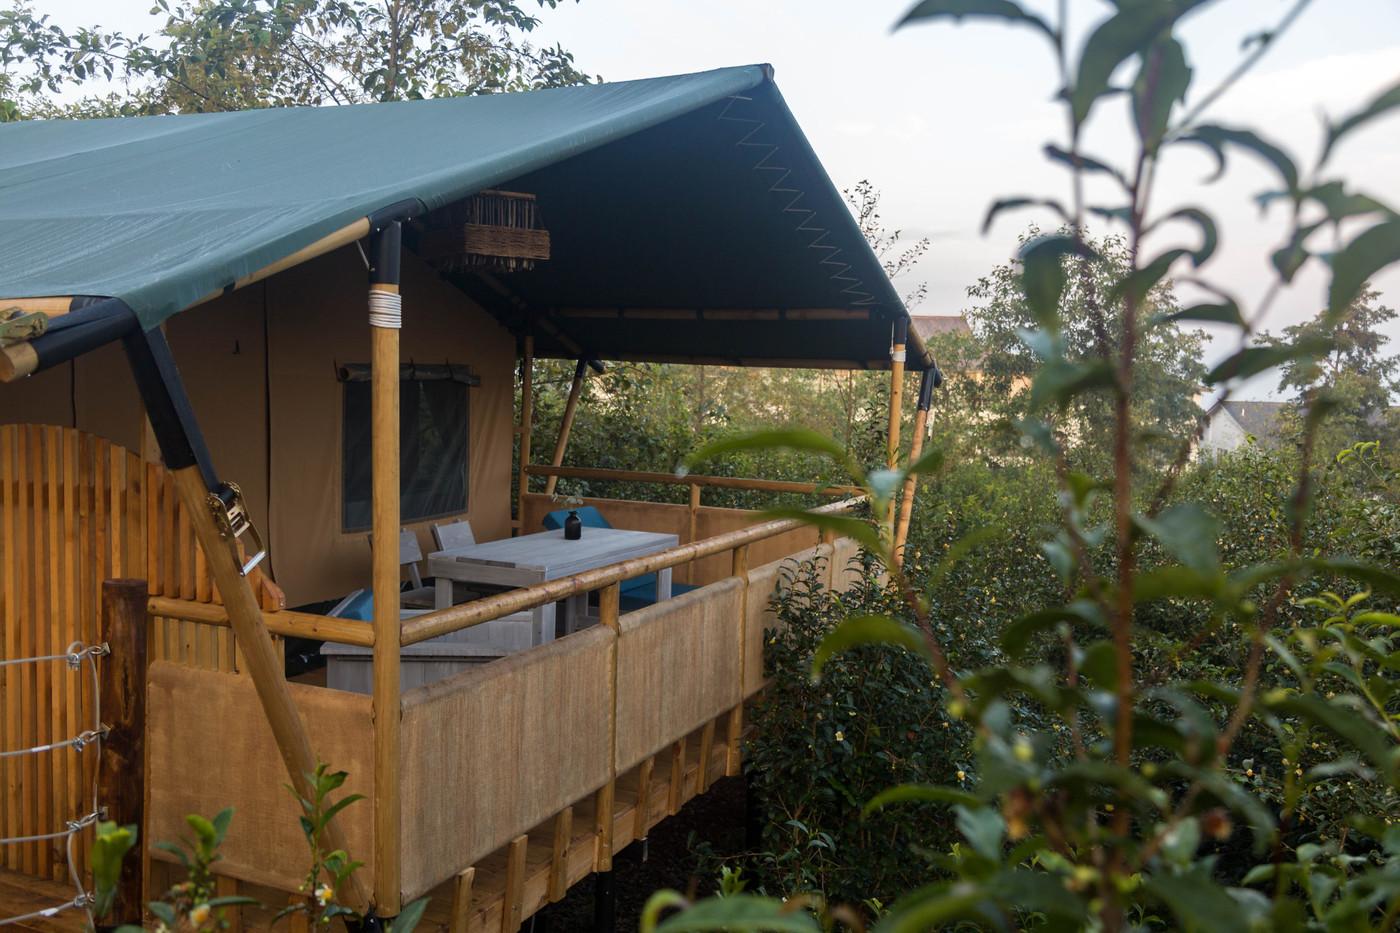 喜马拉雅野奢帐篷酒店—云南腾冲高黎贡山茶博园5